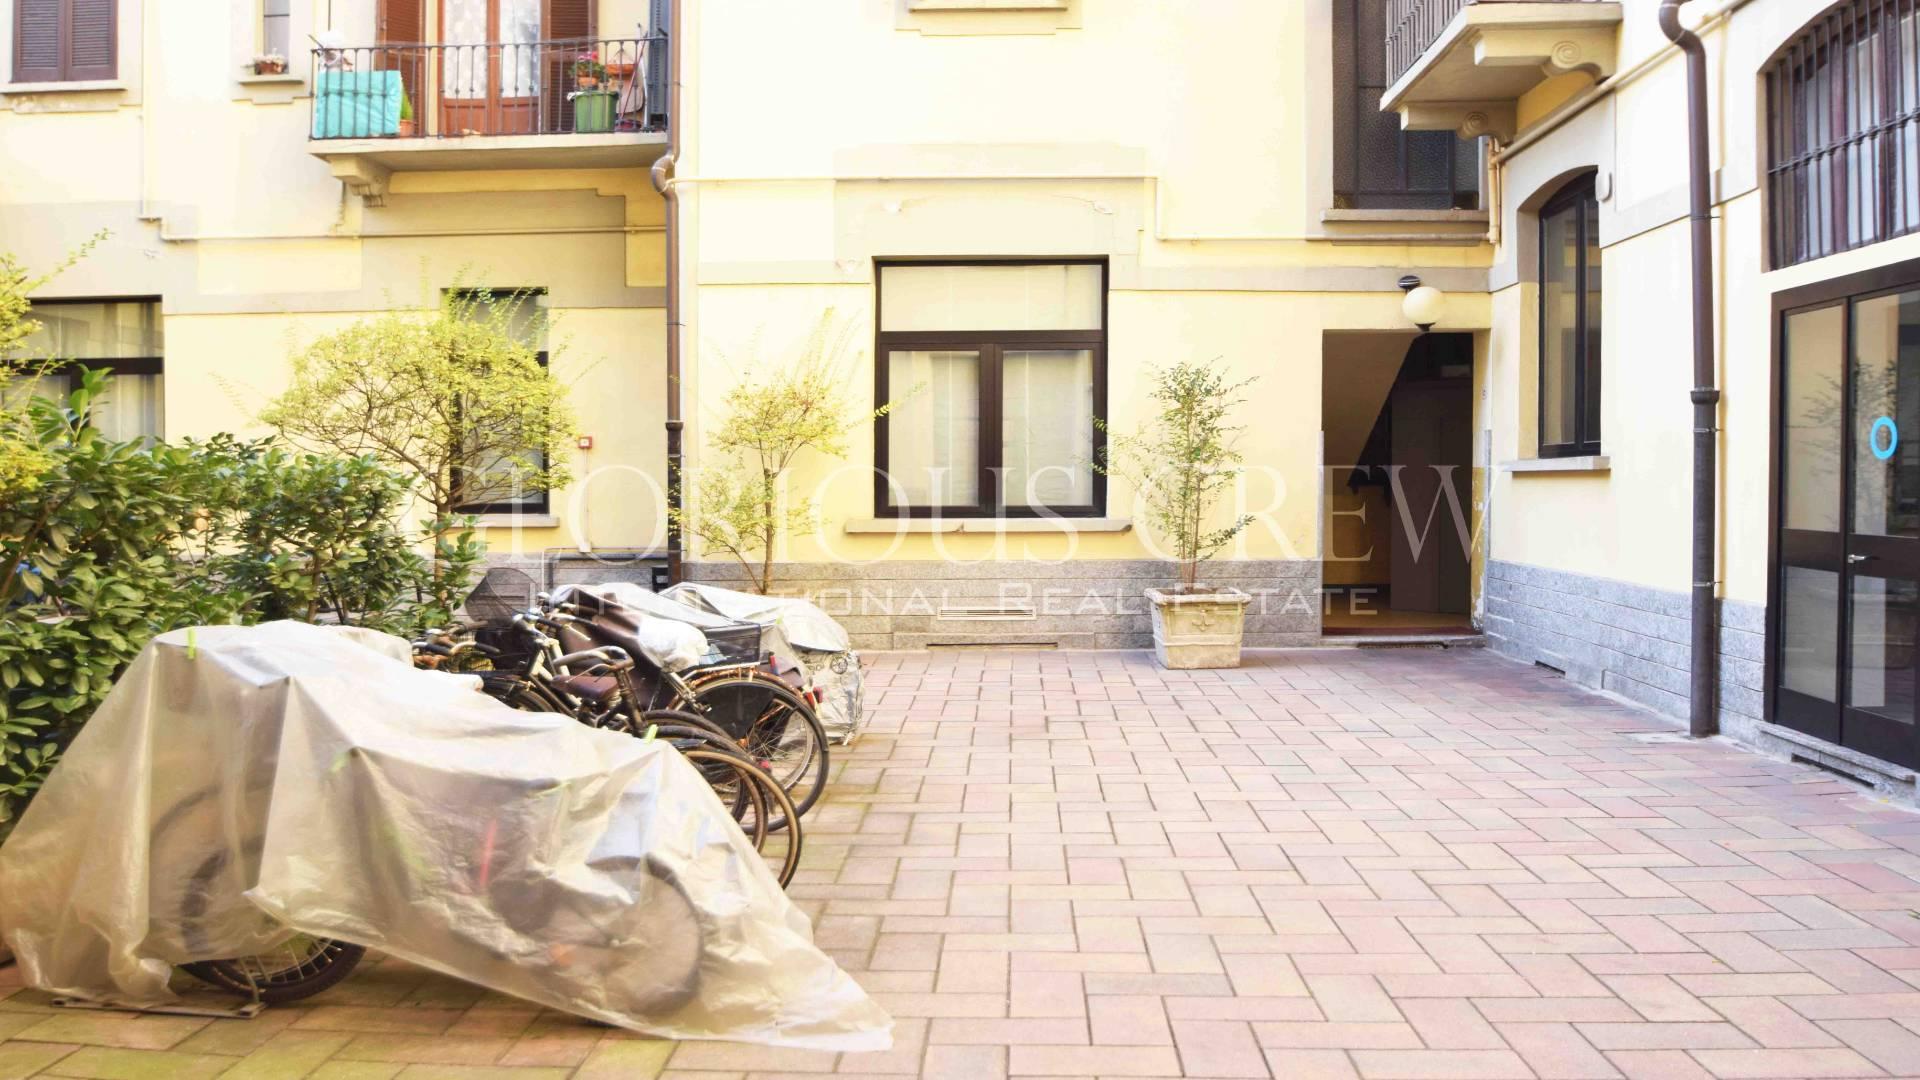 Appartamento in Vendita a Milano: 3 locali, 85 mq - Foto 17